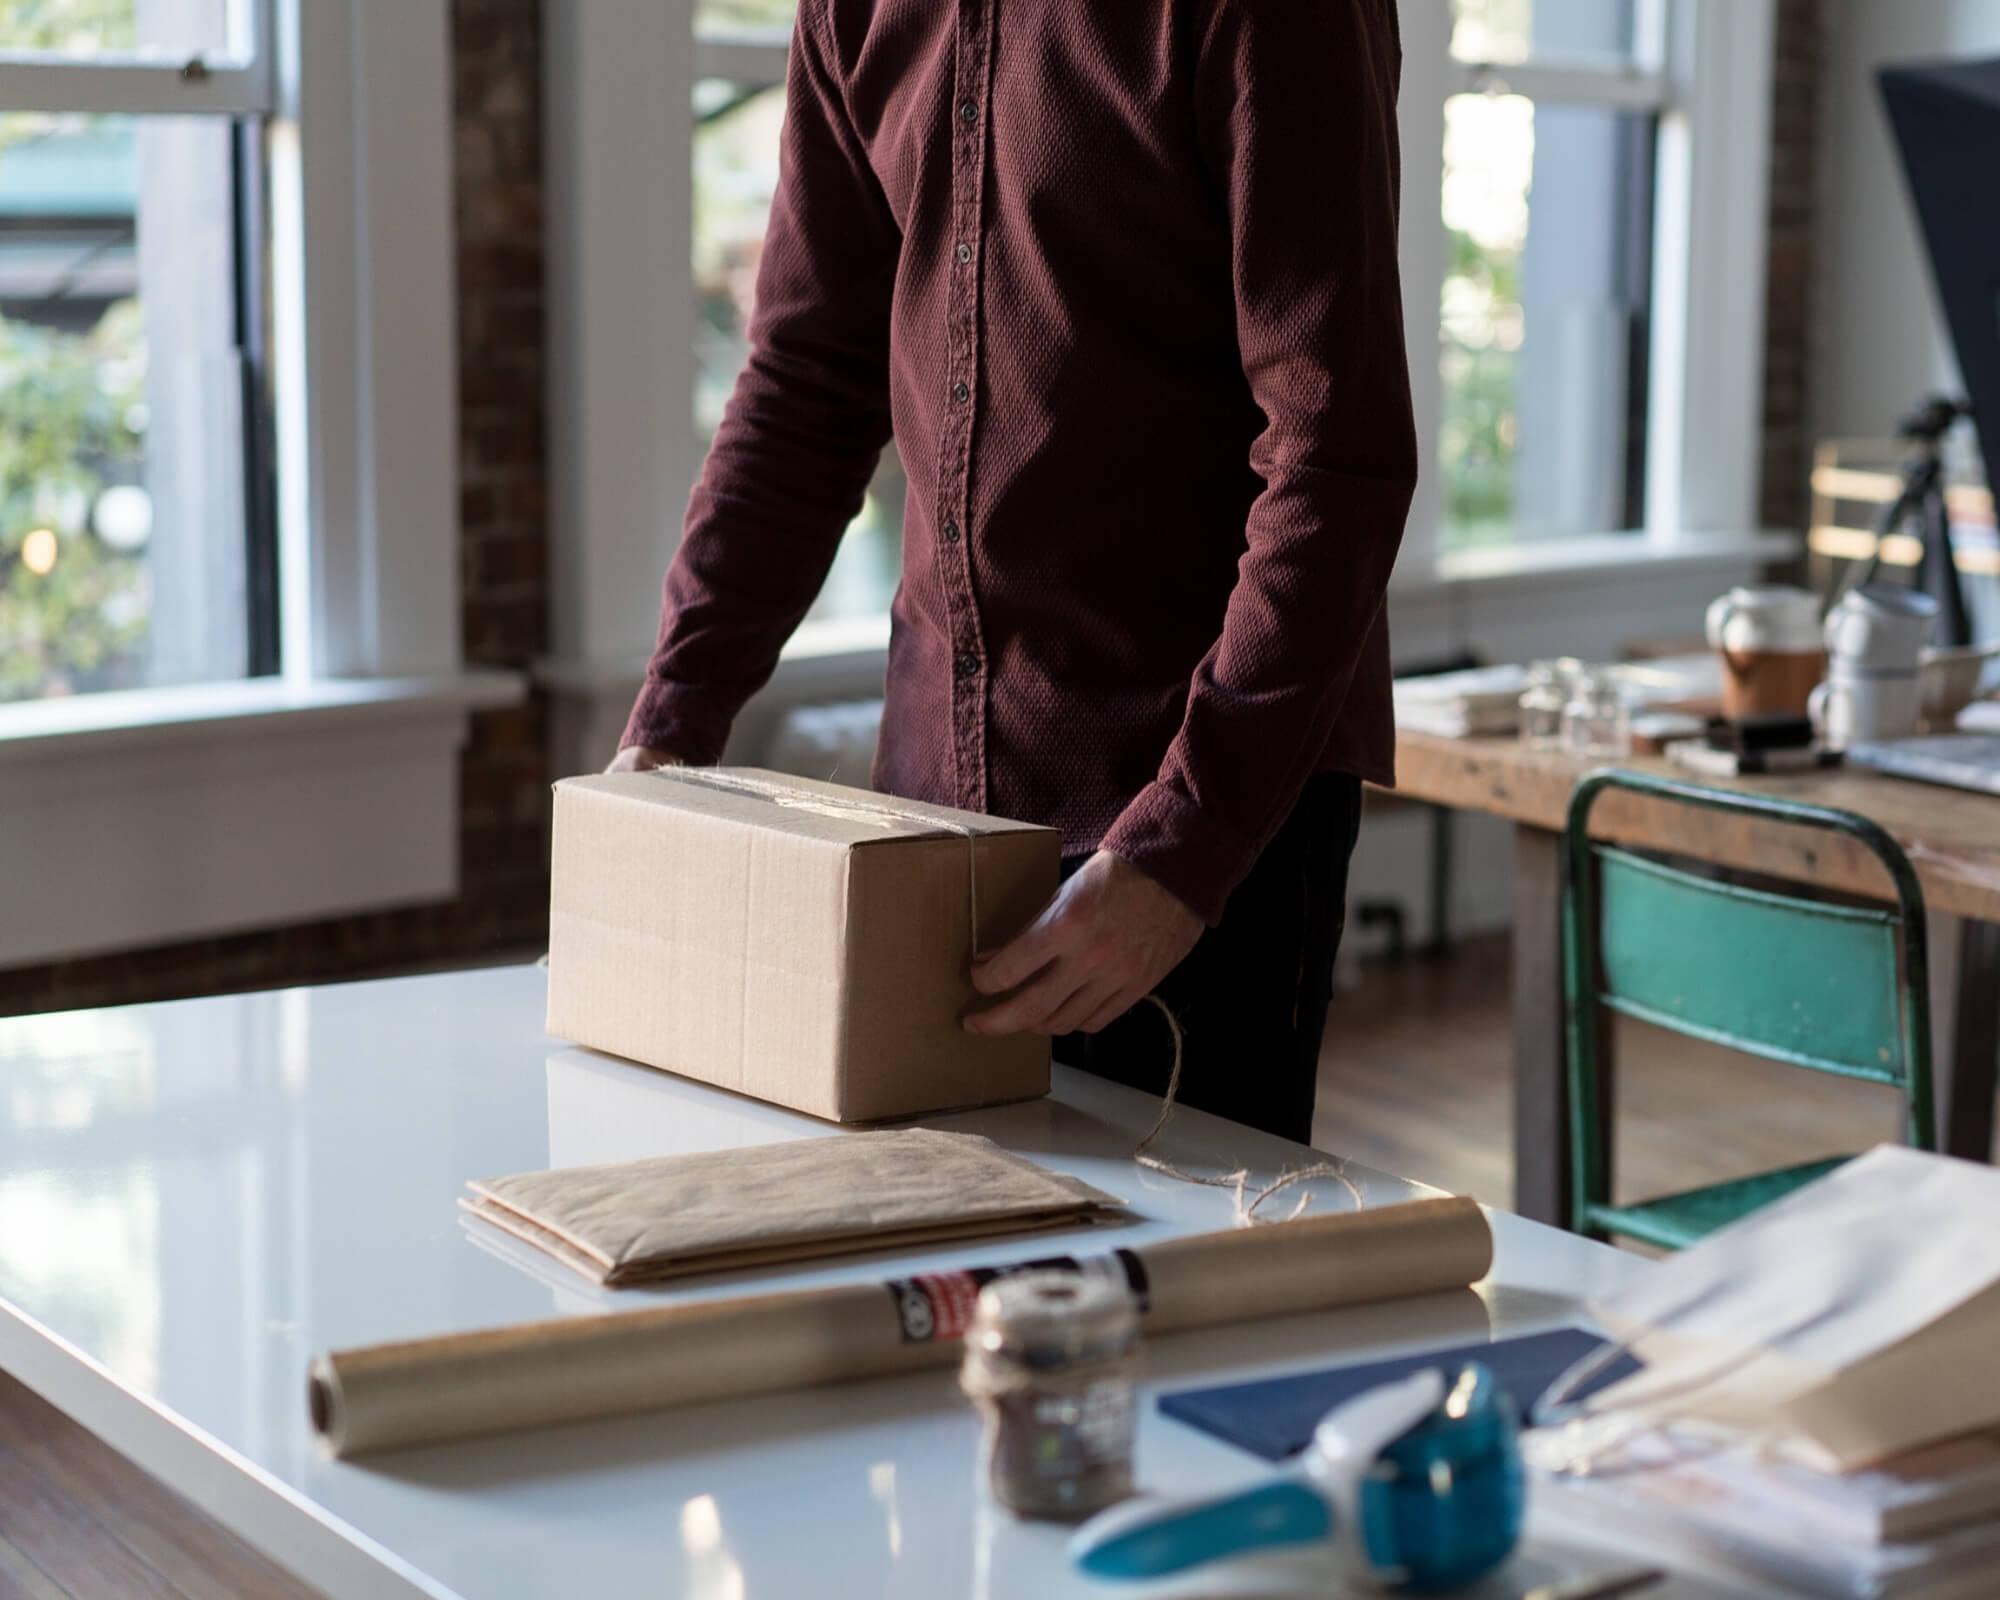 un chico monta una caja de cartón y piensa cómo reducir gastos en packaging